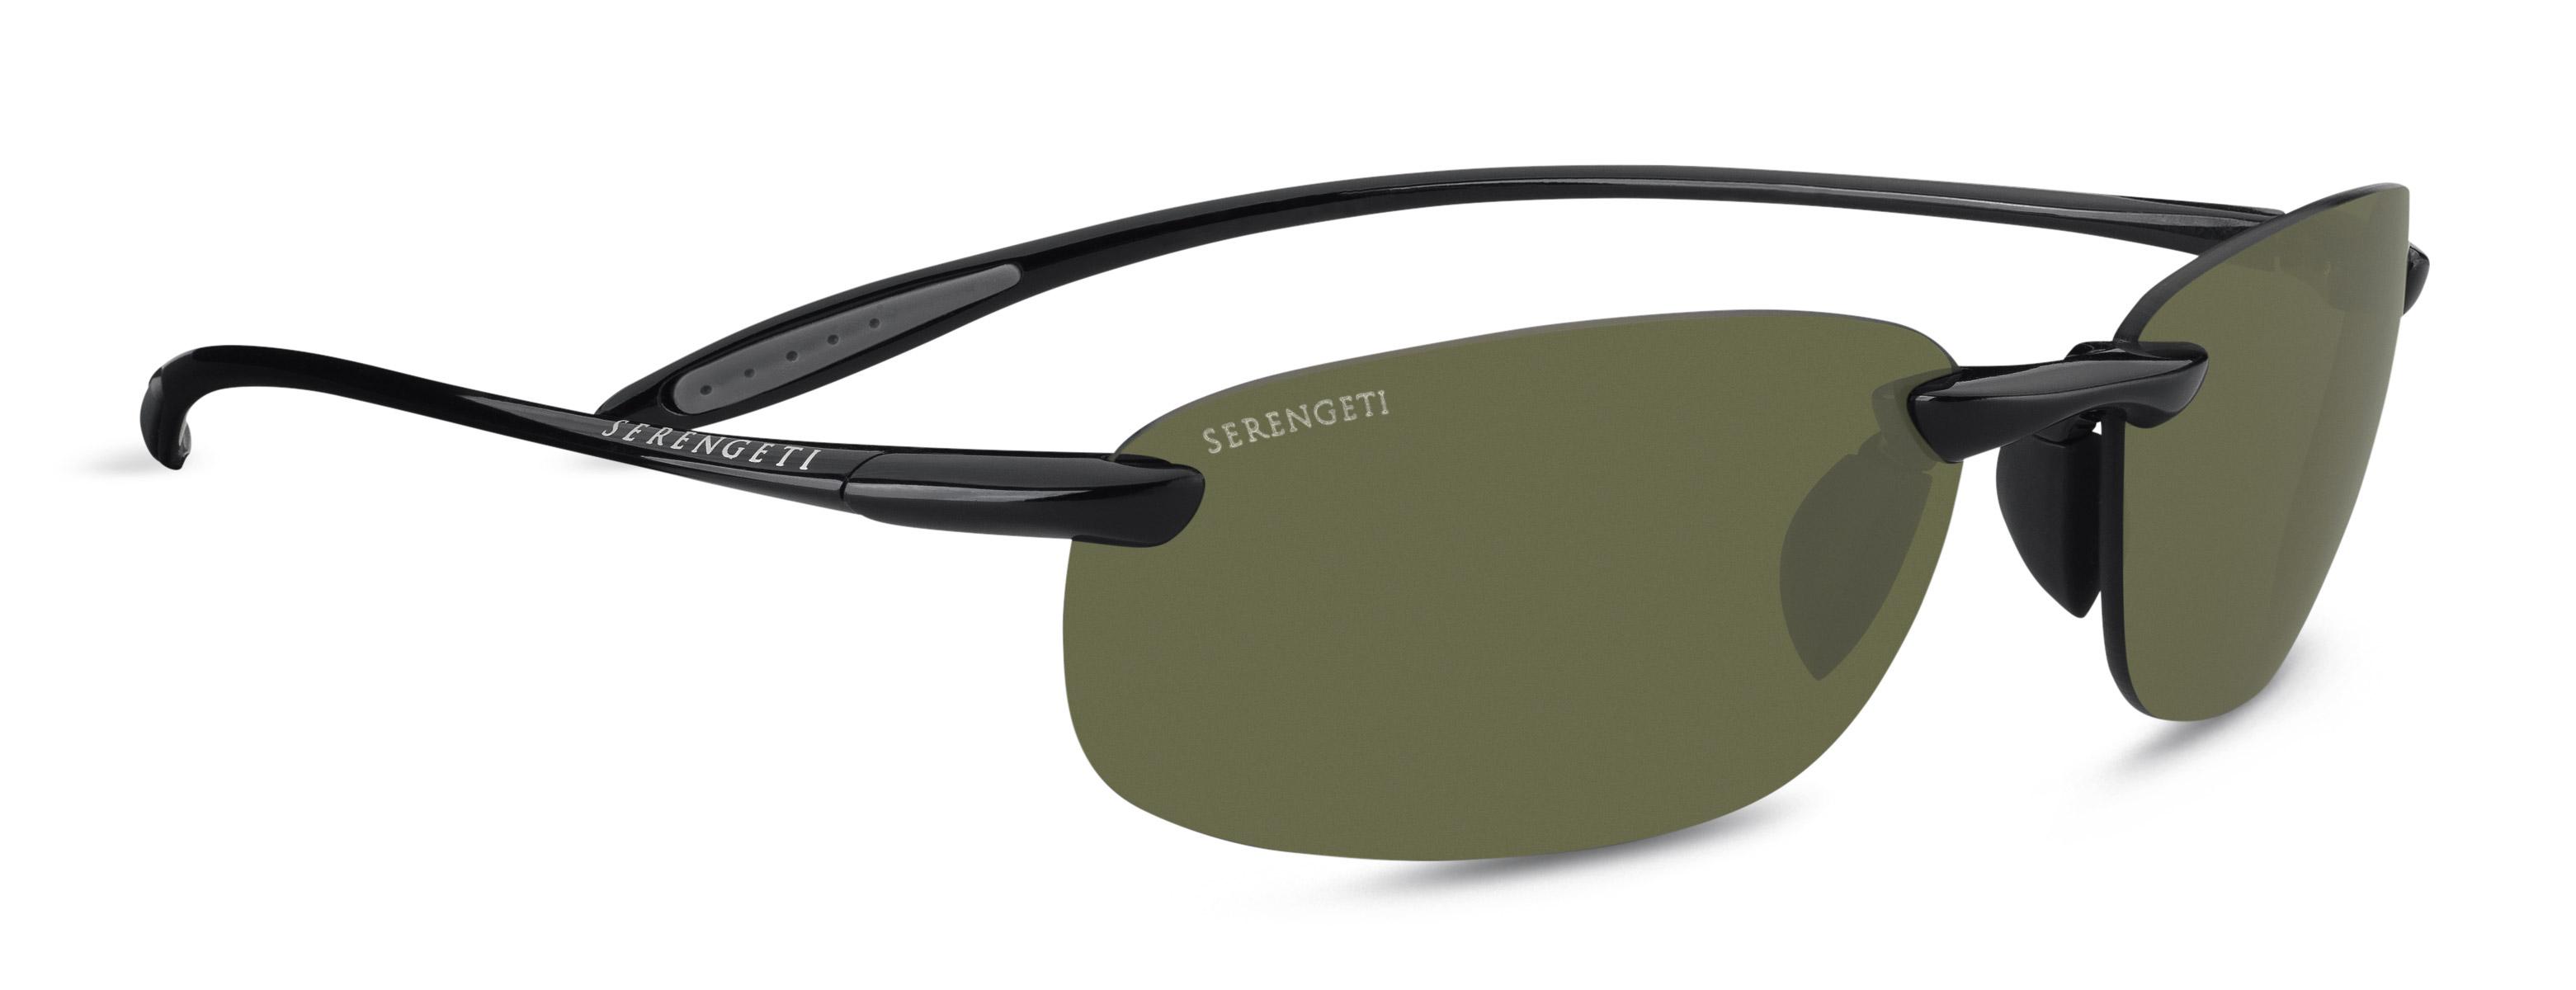 5f087f67ac Serengeti Nuvola PolarMax Sunglasses ON SALE AUTHENTIC Serengeti 6864